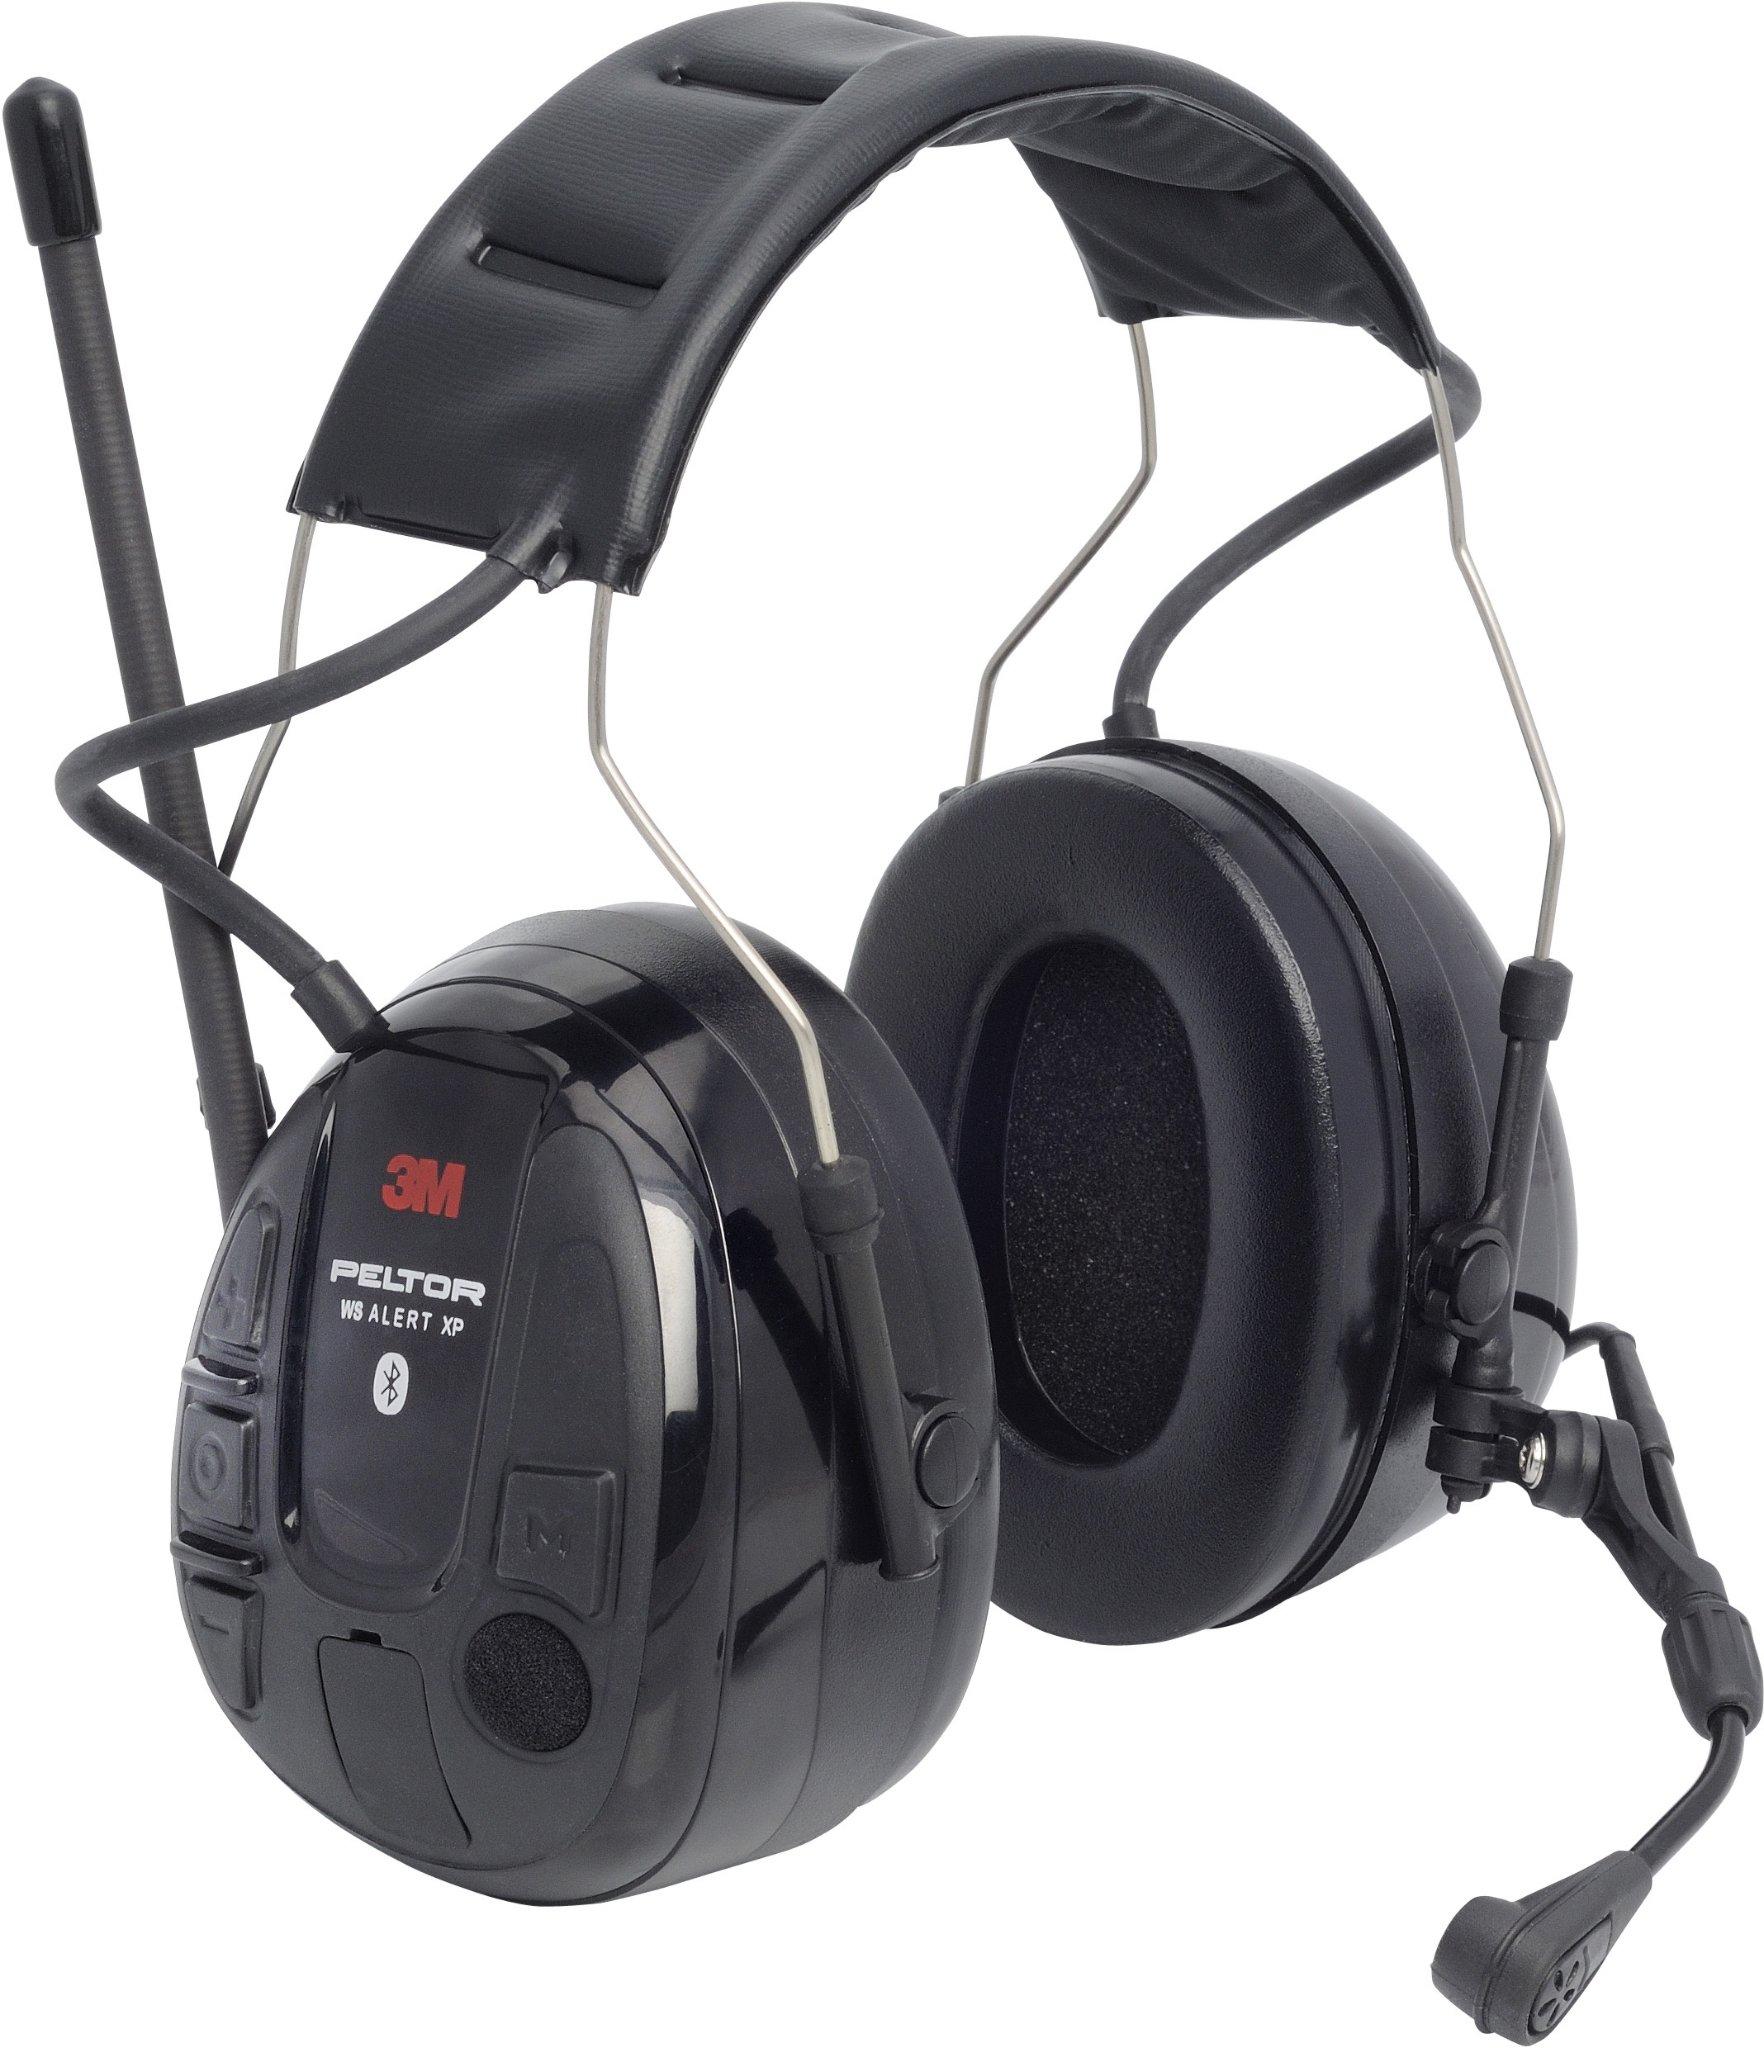 Best pris på 3M Peltor HRXD7A DAB+ hørselvern Se priser